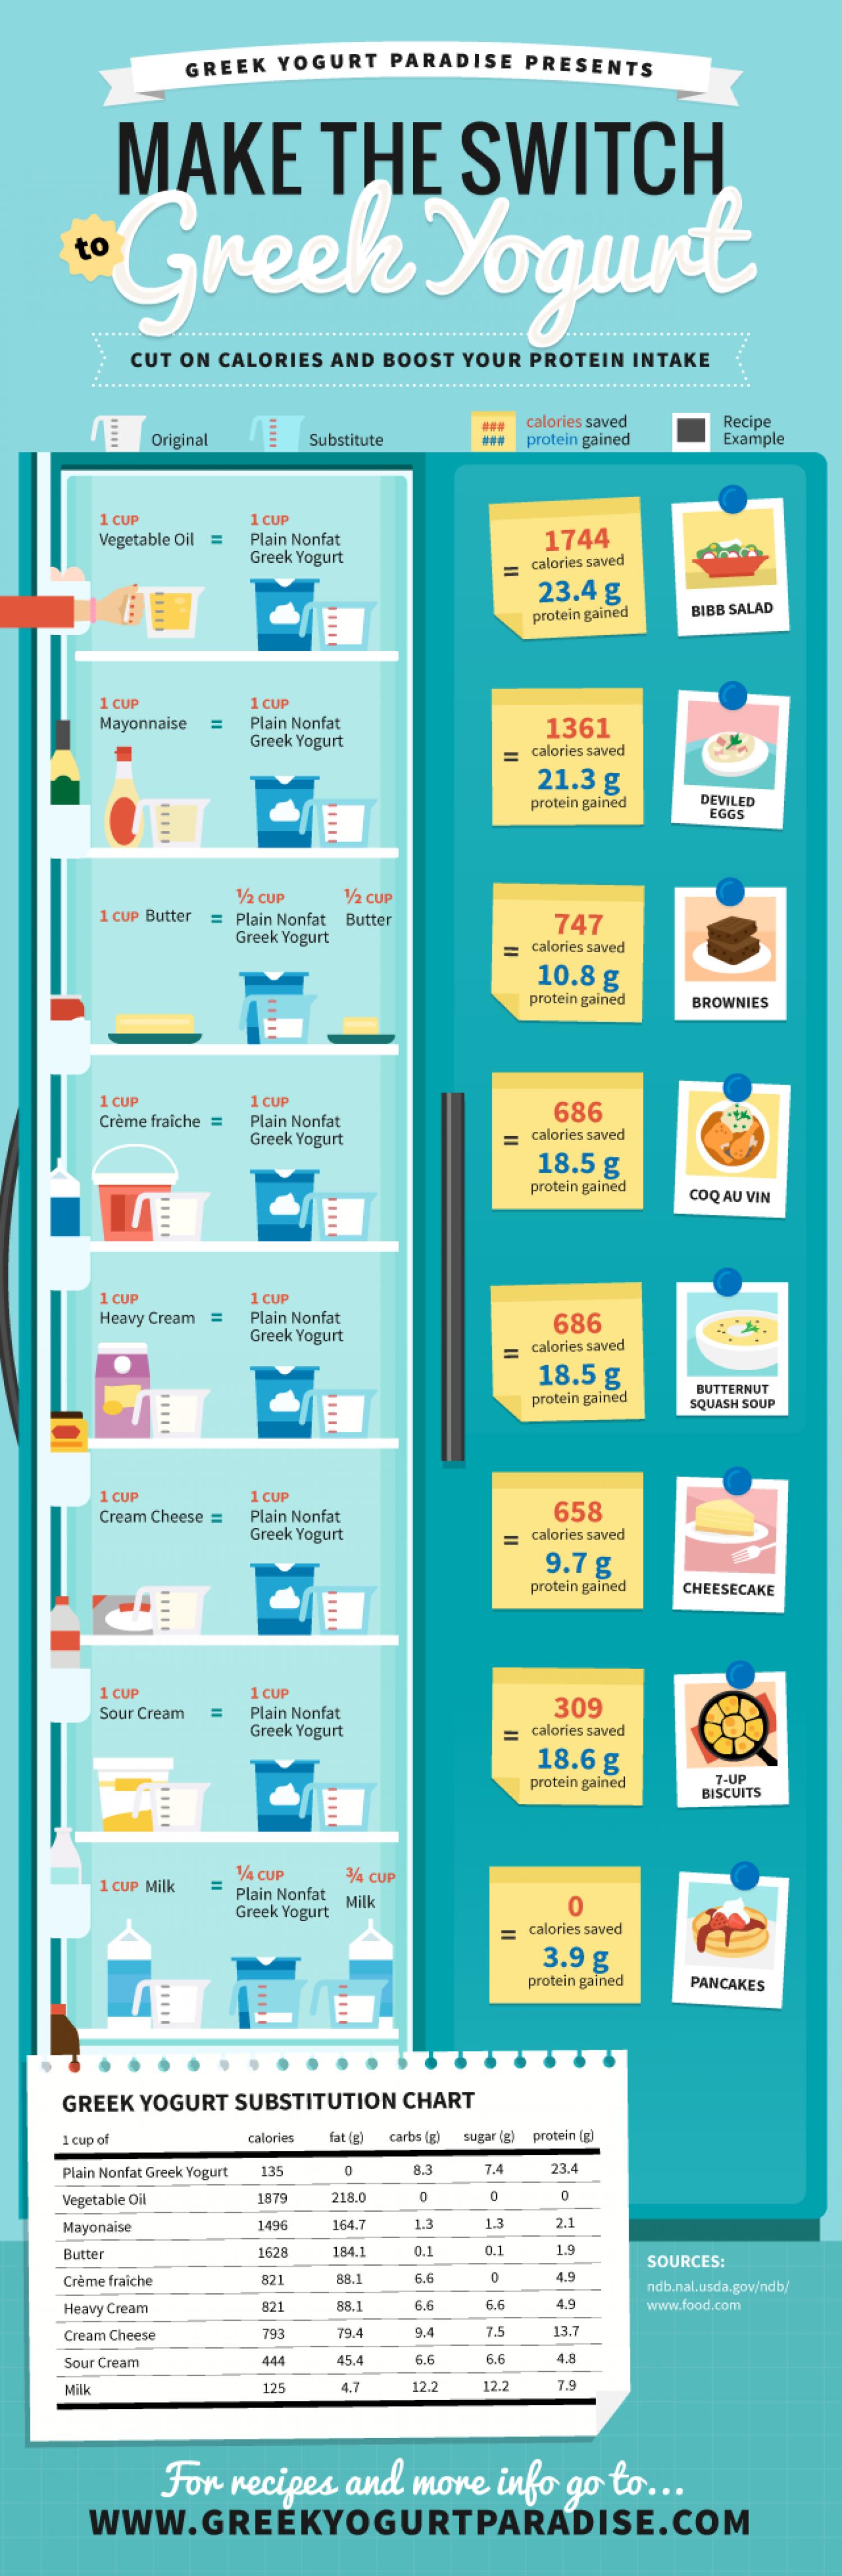 Greek Yogurt Substitute Diet Plan